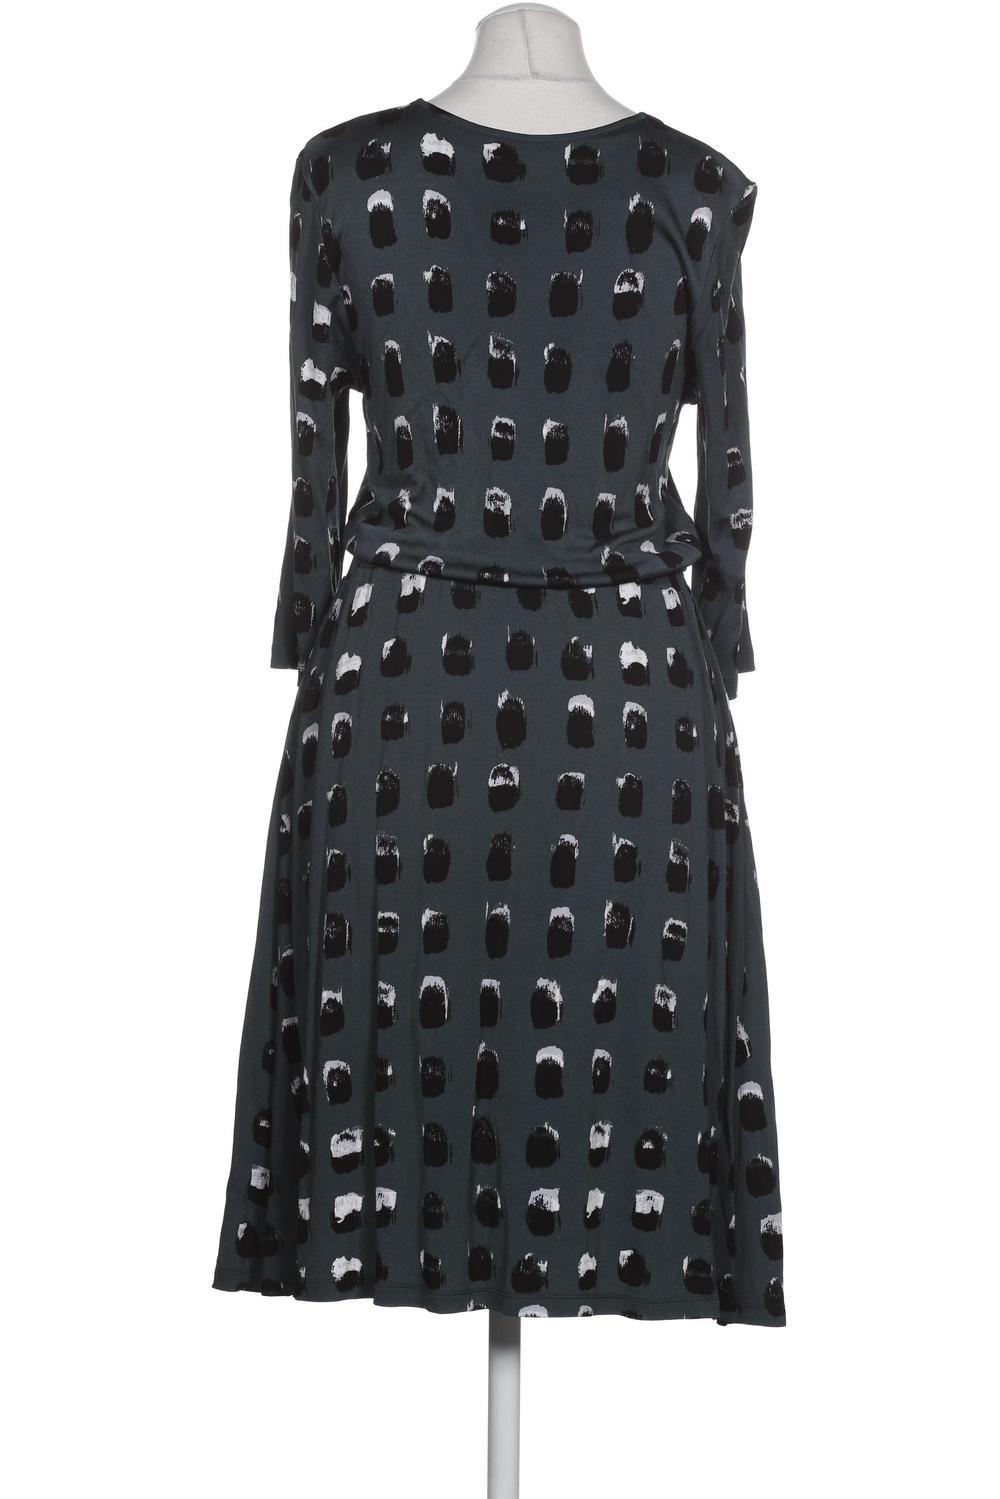 & other stories Damen Kleid EUR 34 Second Hand kaufen | ubup